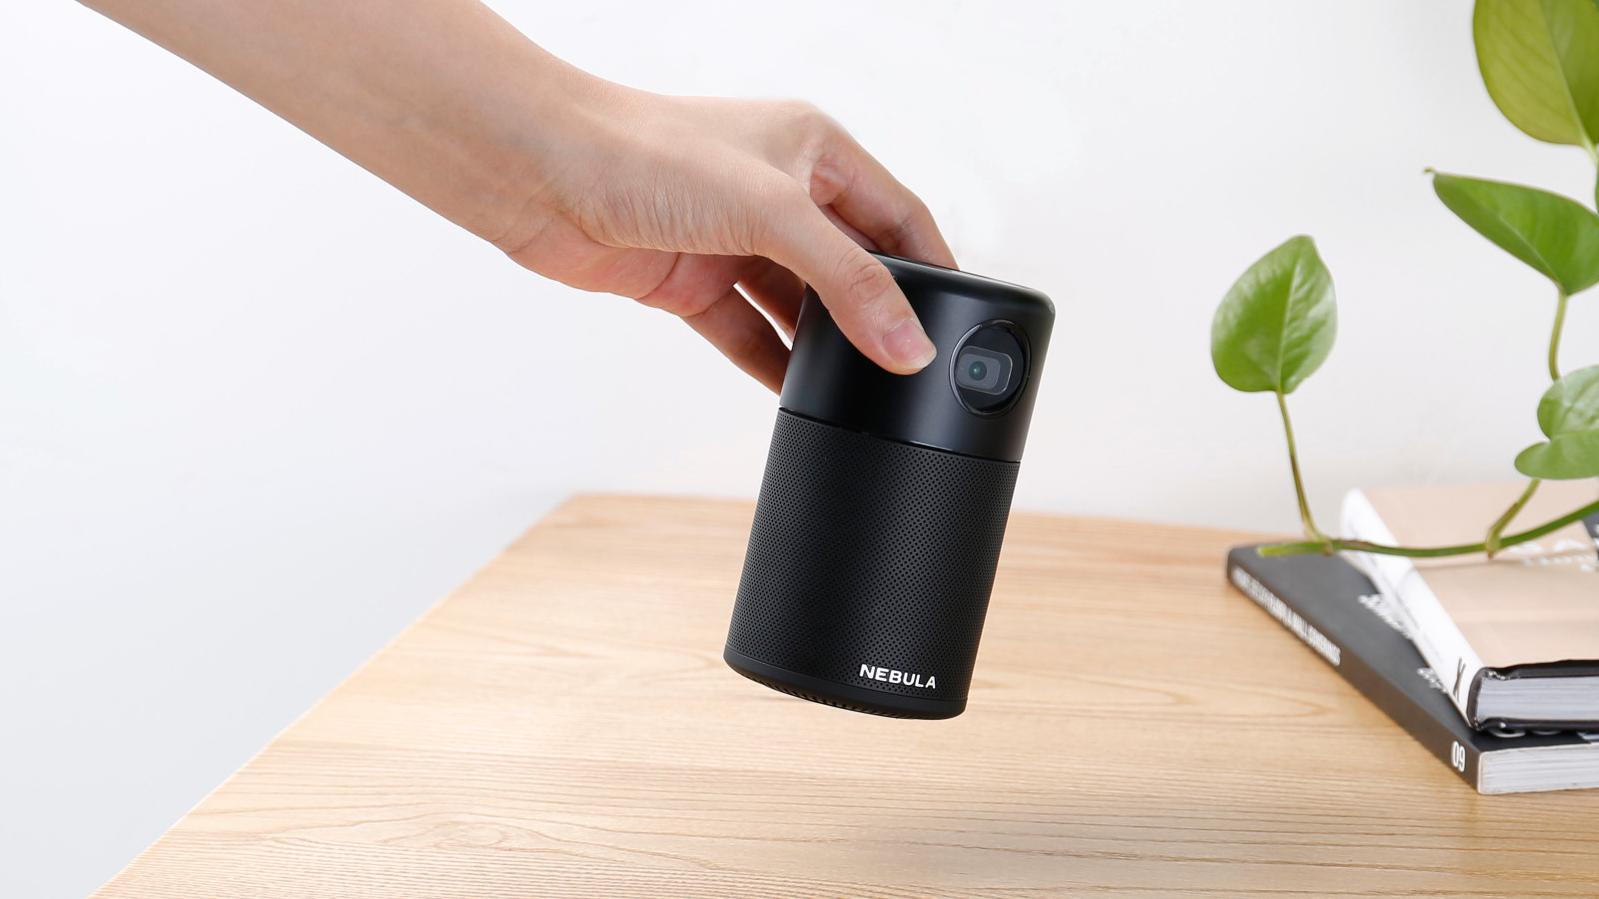 Nå kan du skaffe deg en lommeprojektor med Android og innebygget 360-gradershøyttaler